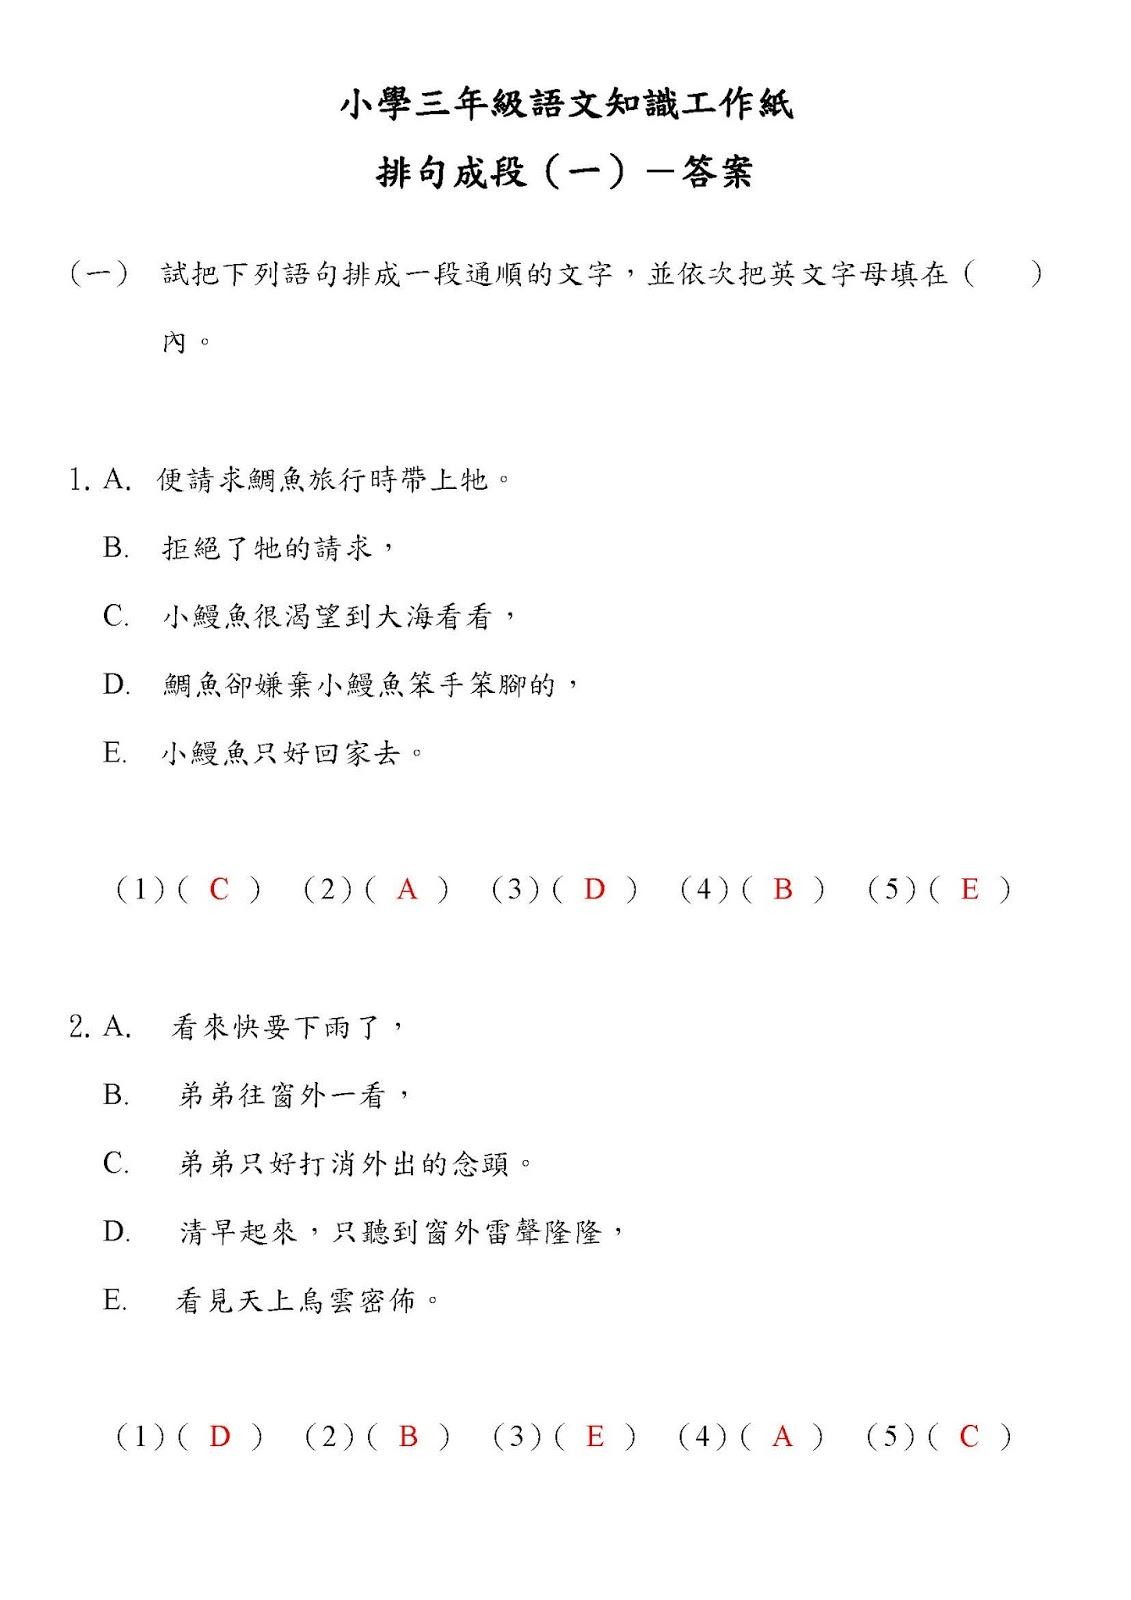 小三語文知識工作紙:排句成段(一)|中文工作紙|尤莉姐姐的反轉學堂